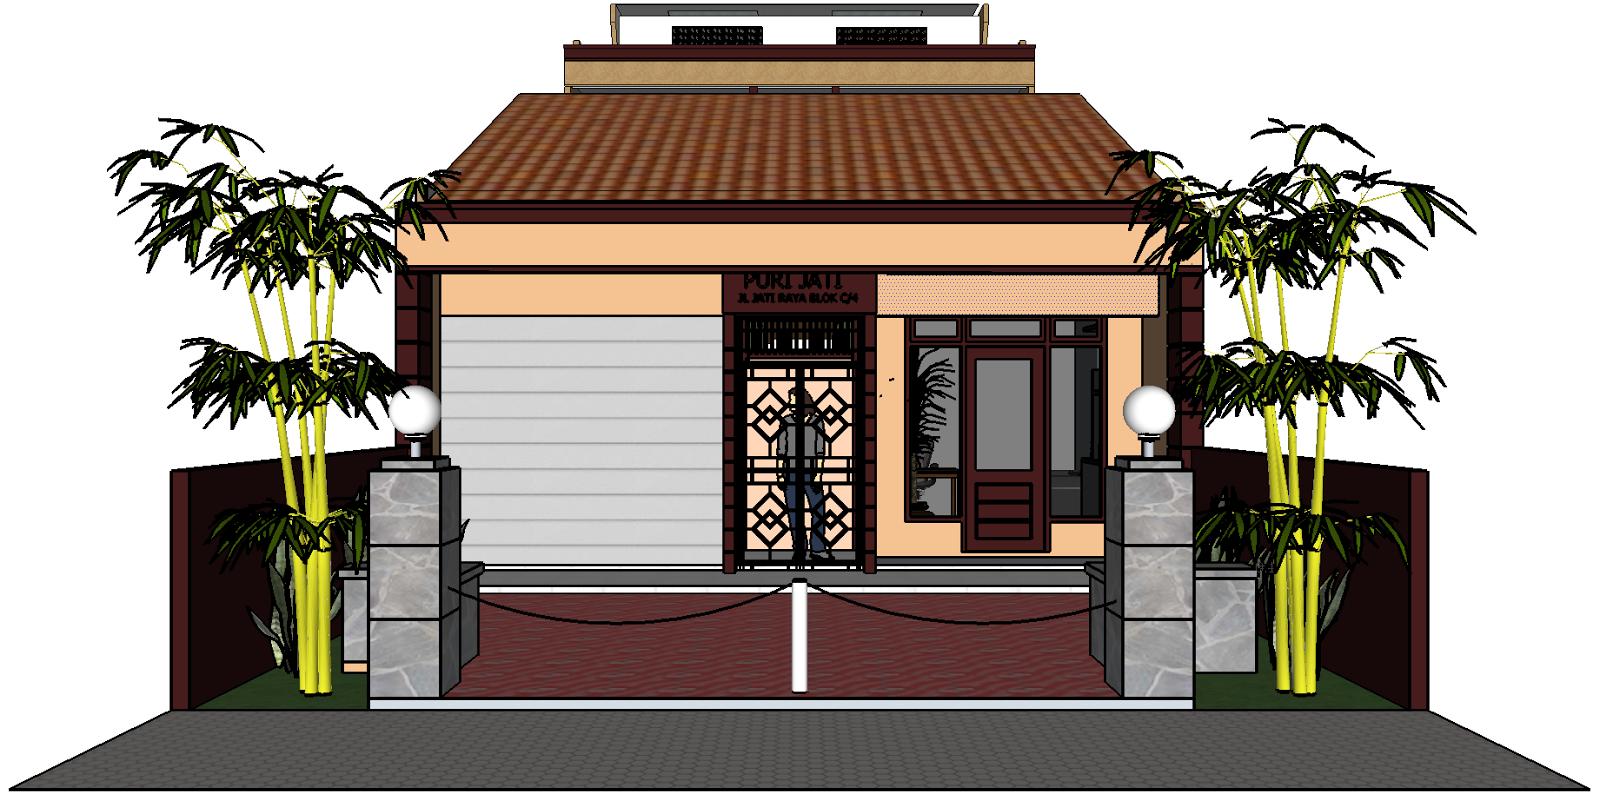 rumah, rukan, ruko, house, interior, eksterior, design, desain, dijual, dicari, lowongan, kerja, 3d, arsitektur